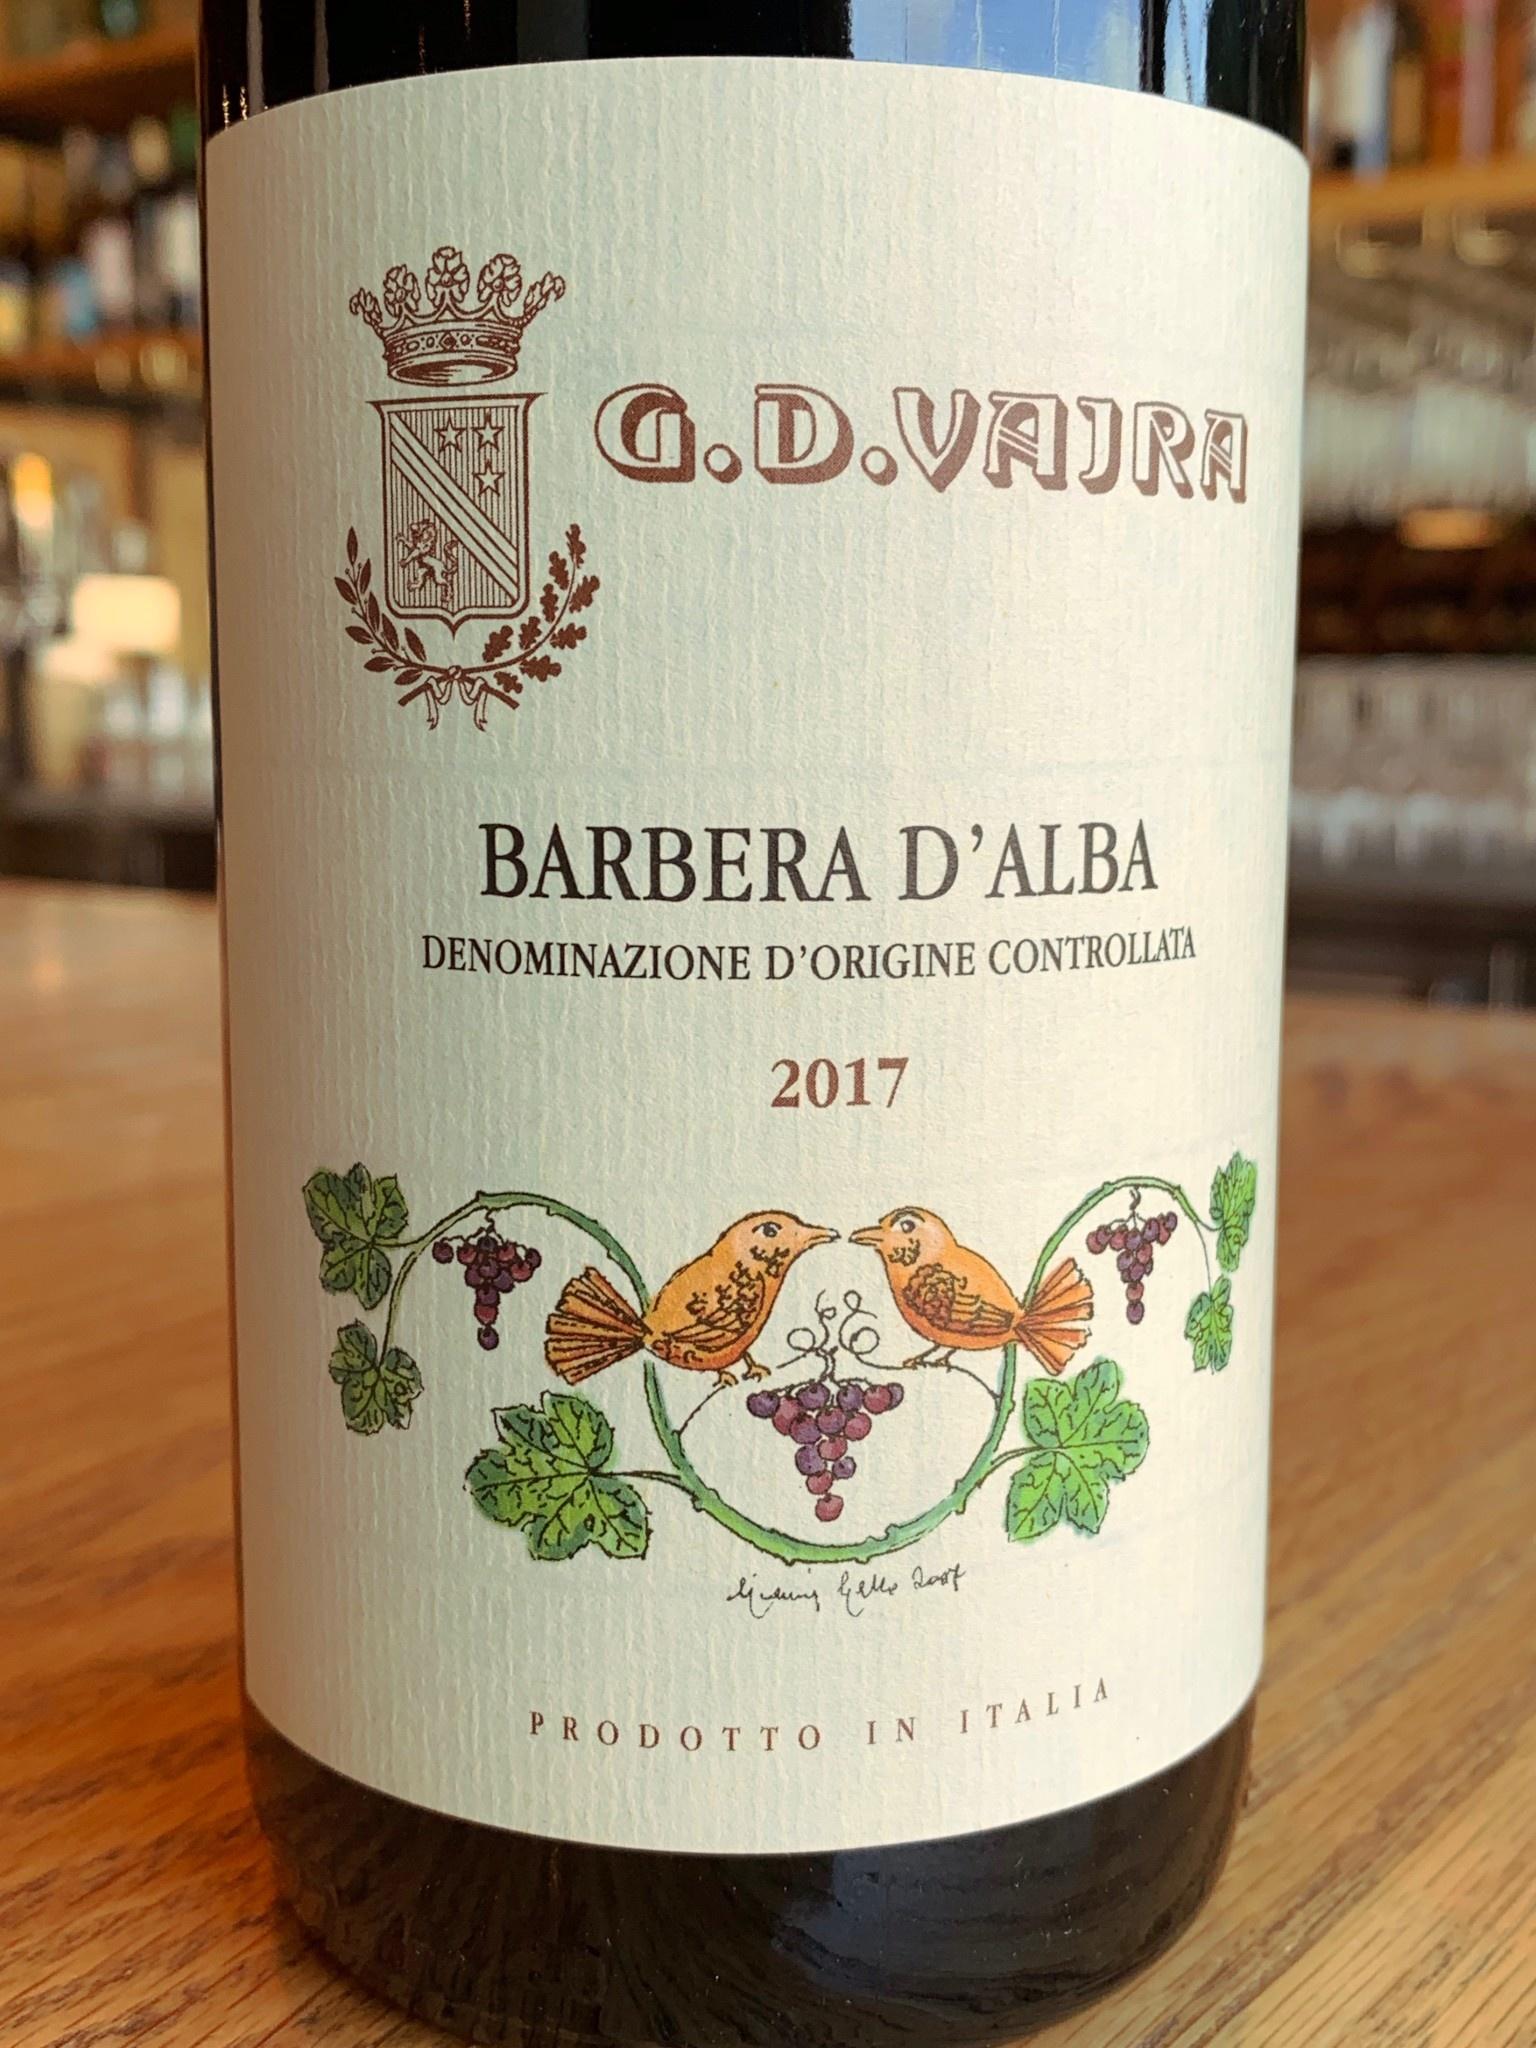 G.D. Vajra 2017 G.D. Vajra Barbera D'Alba 750ml